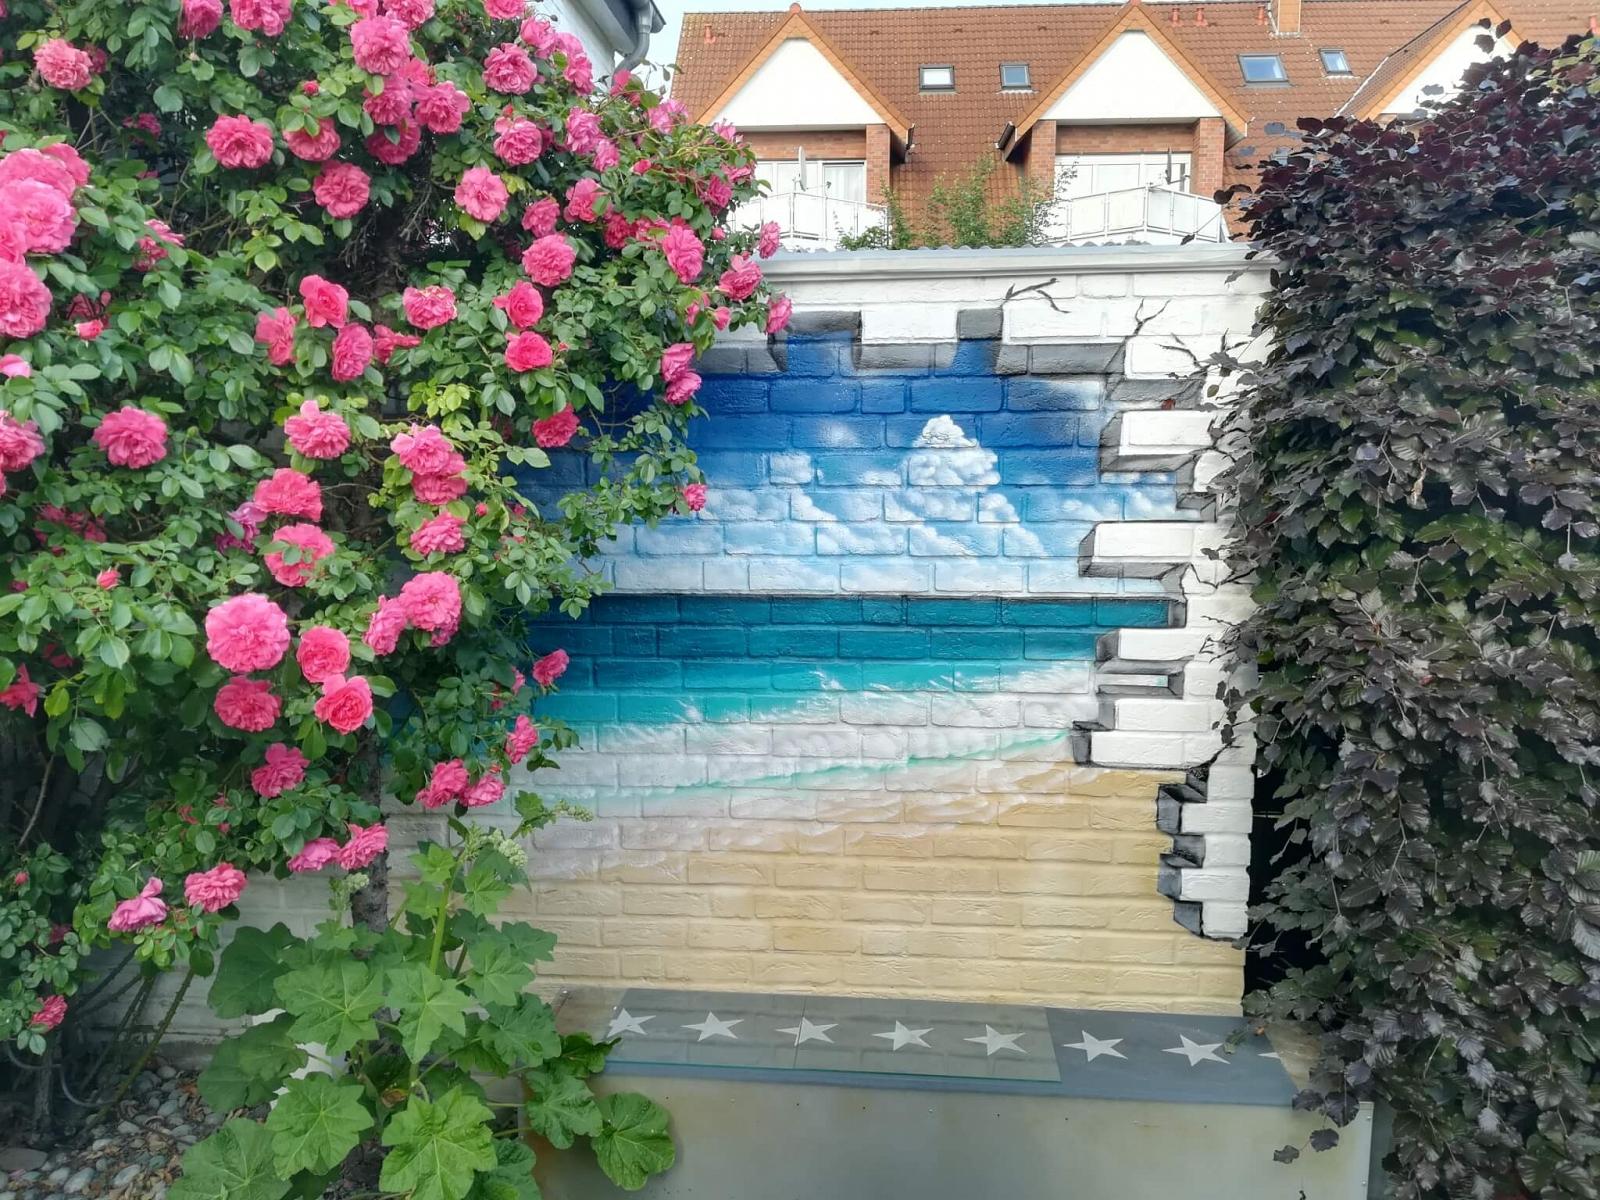 Meerblick Sprühfarbe Lack Garten Rheda-Wiedenbrück